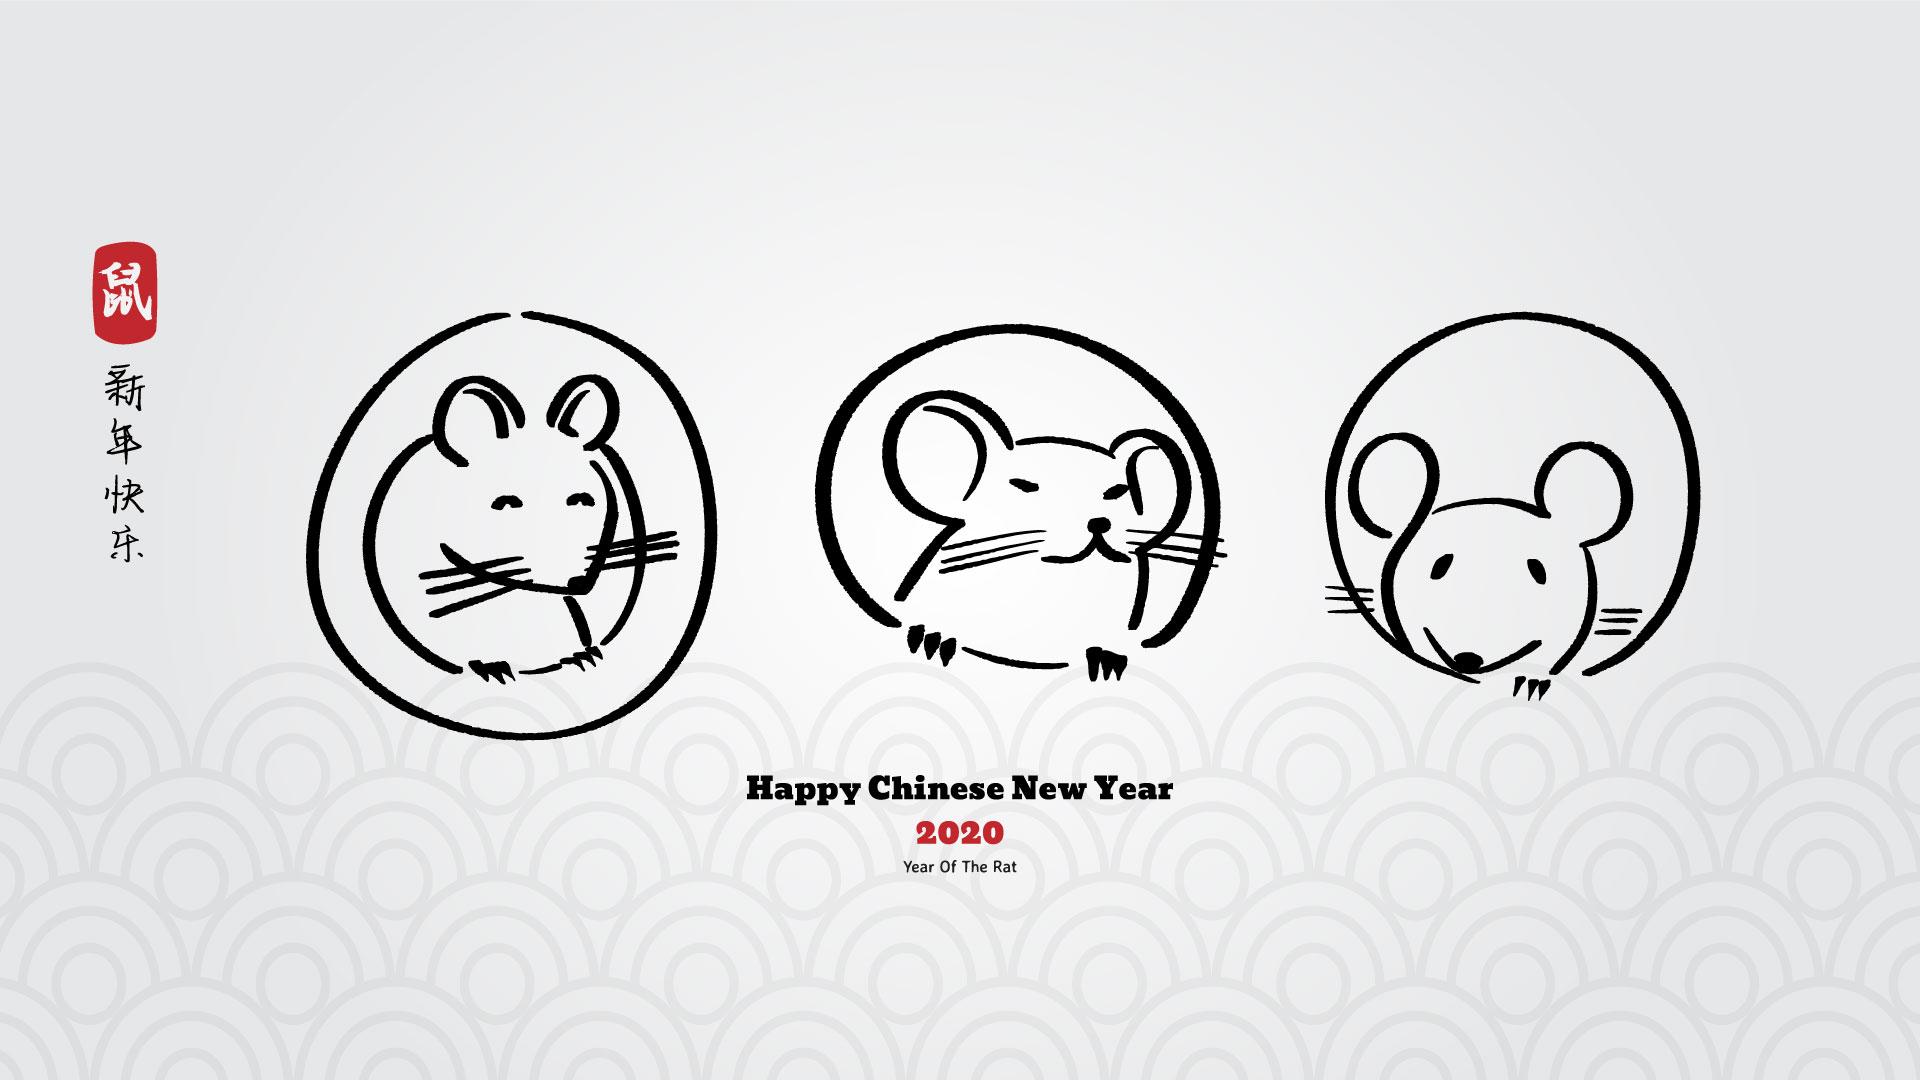 Any nou xinès